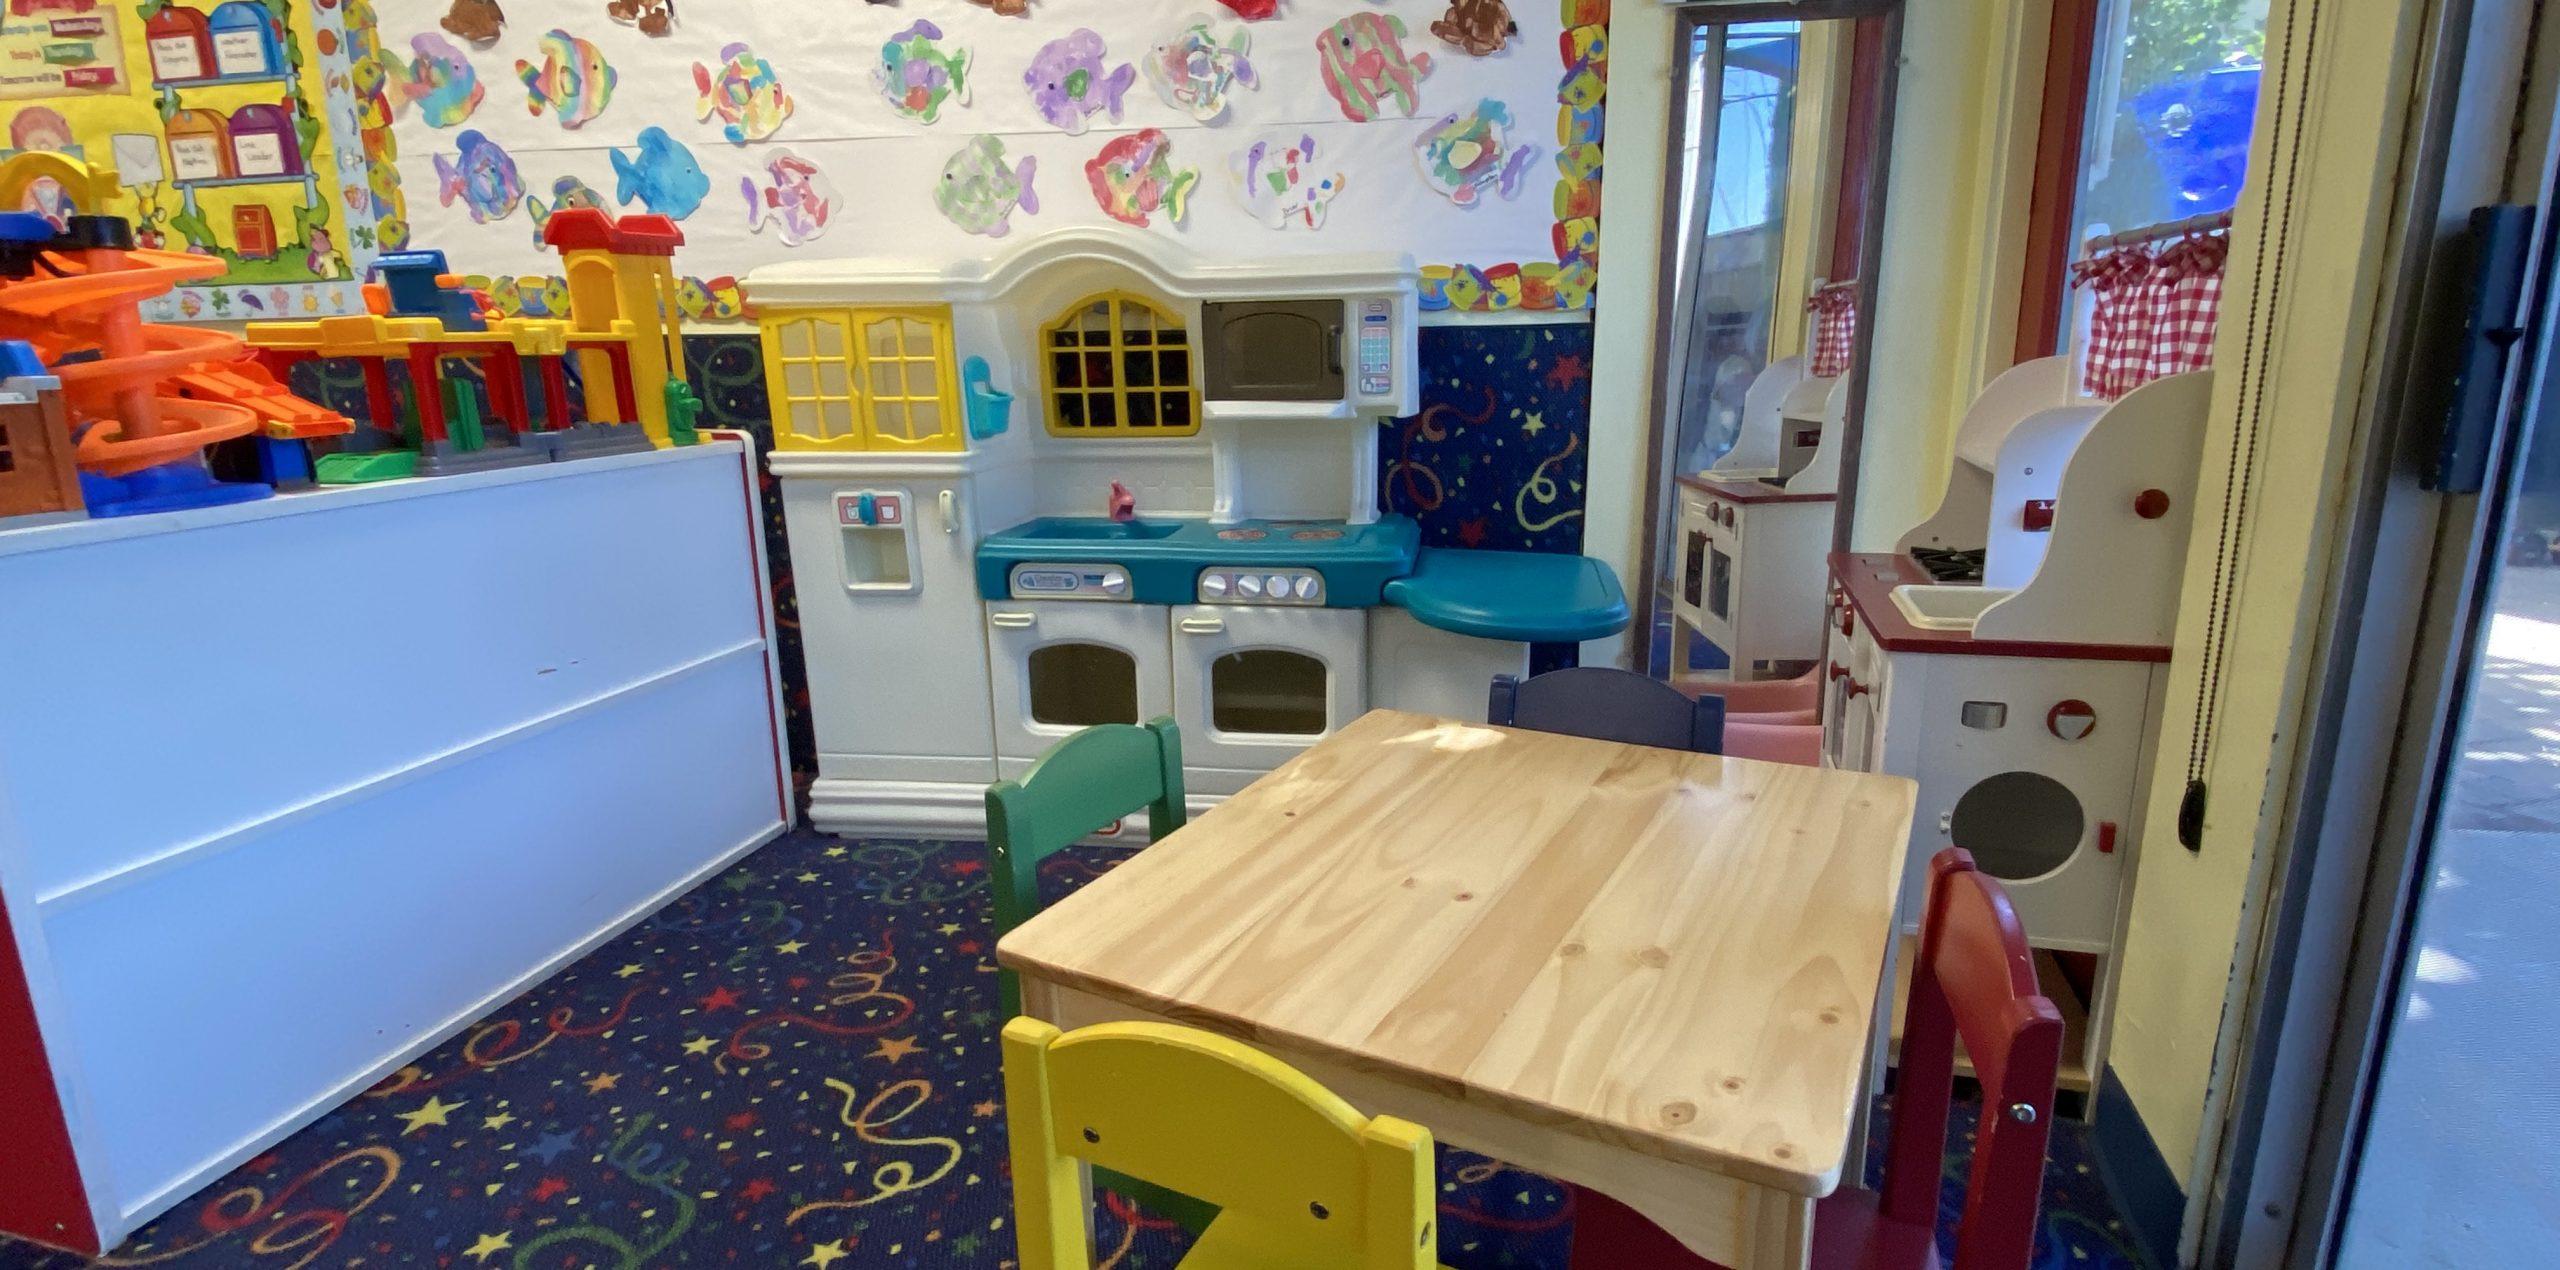 Kitchen for preschoolers